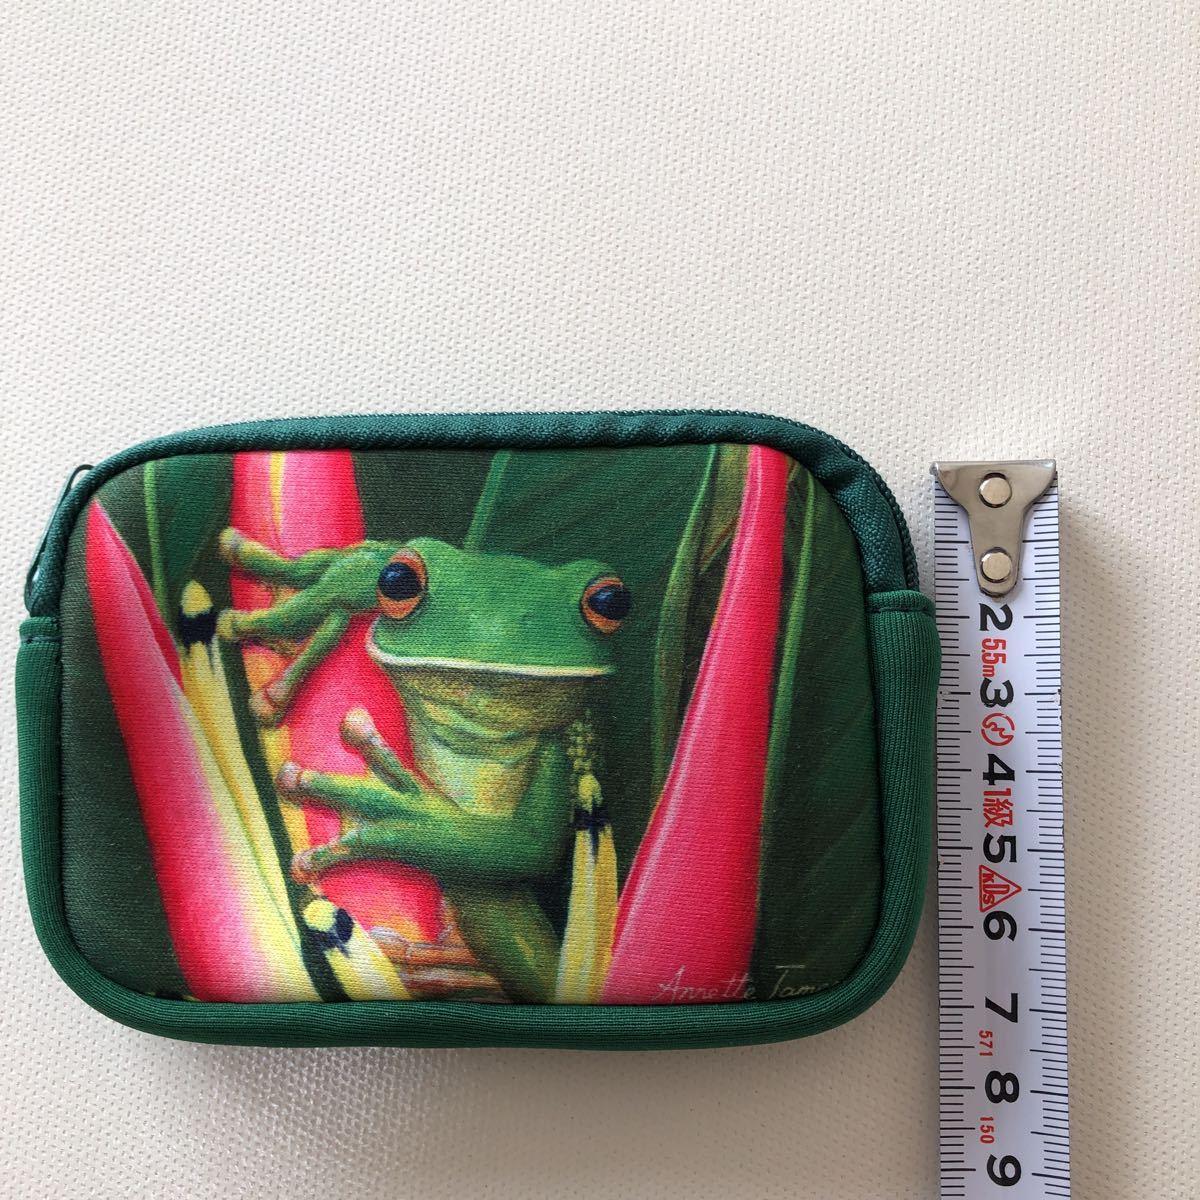 オーストラリア お土産 小物入れ ミニポーチ ポーチ ファスナーポーチ 小銭入れ グリーン 爬虫類_画像4